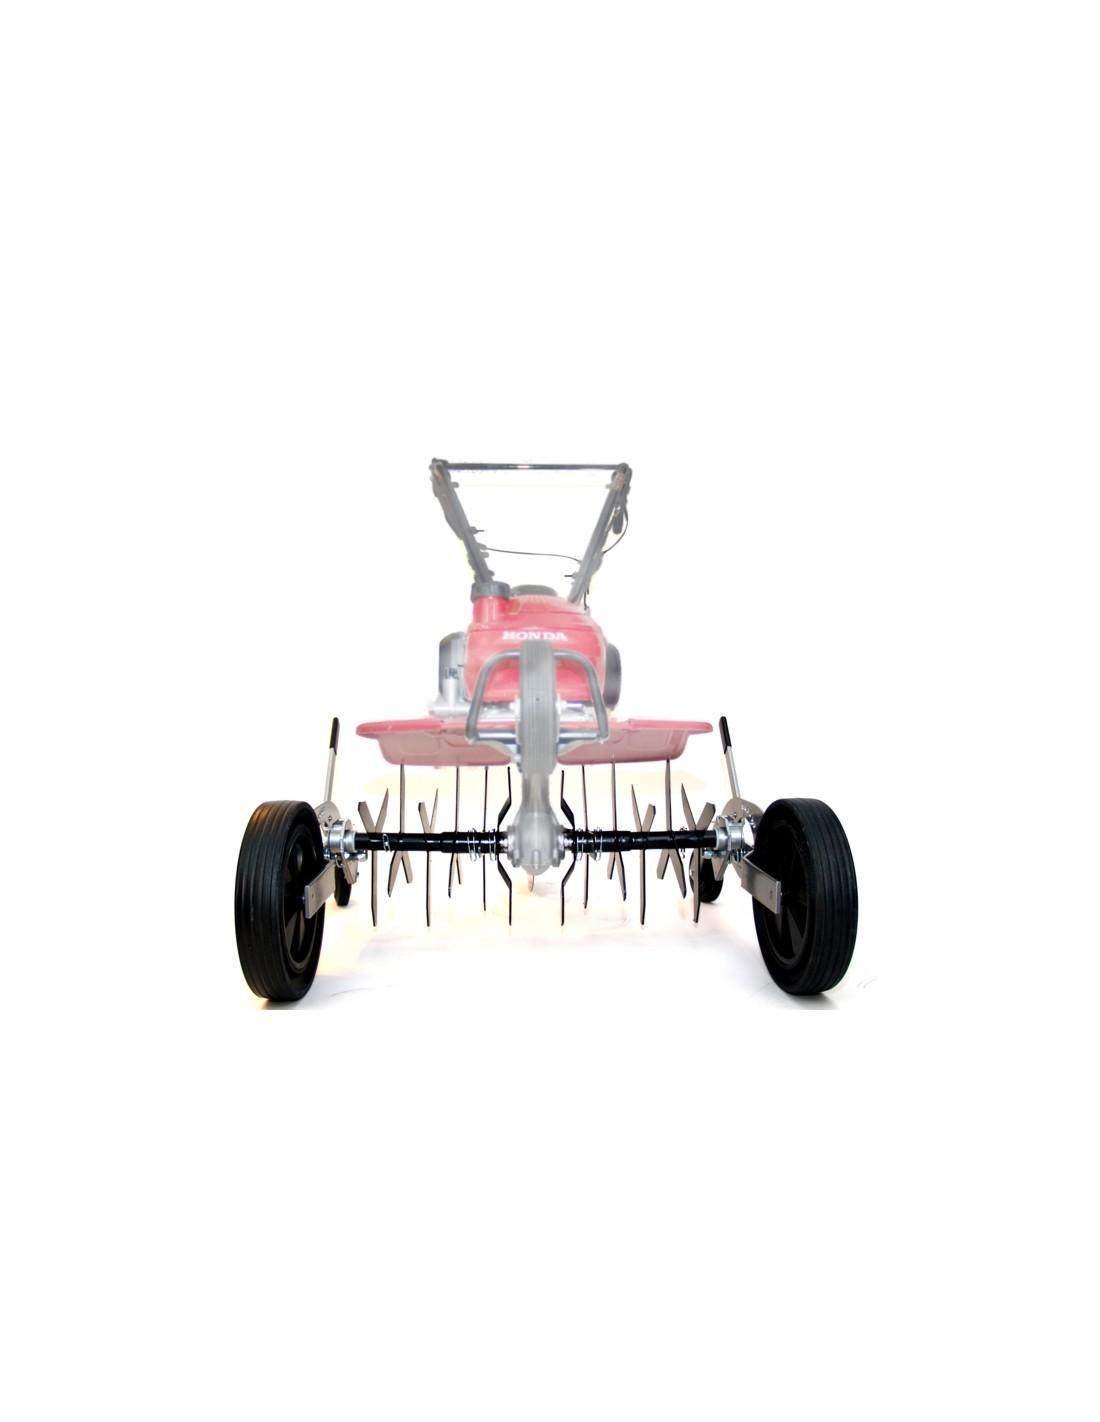 Scarificateur honda f220 - Scarificateur pour pelouse ...